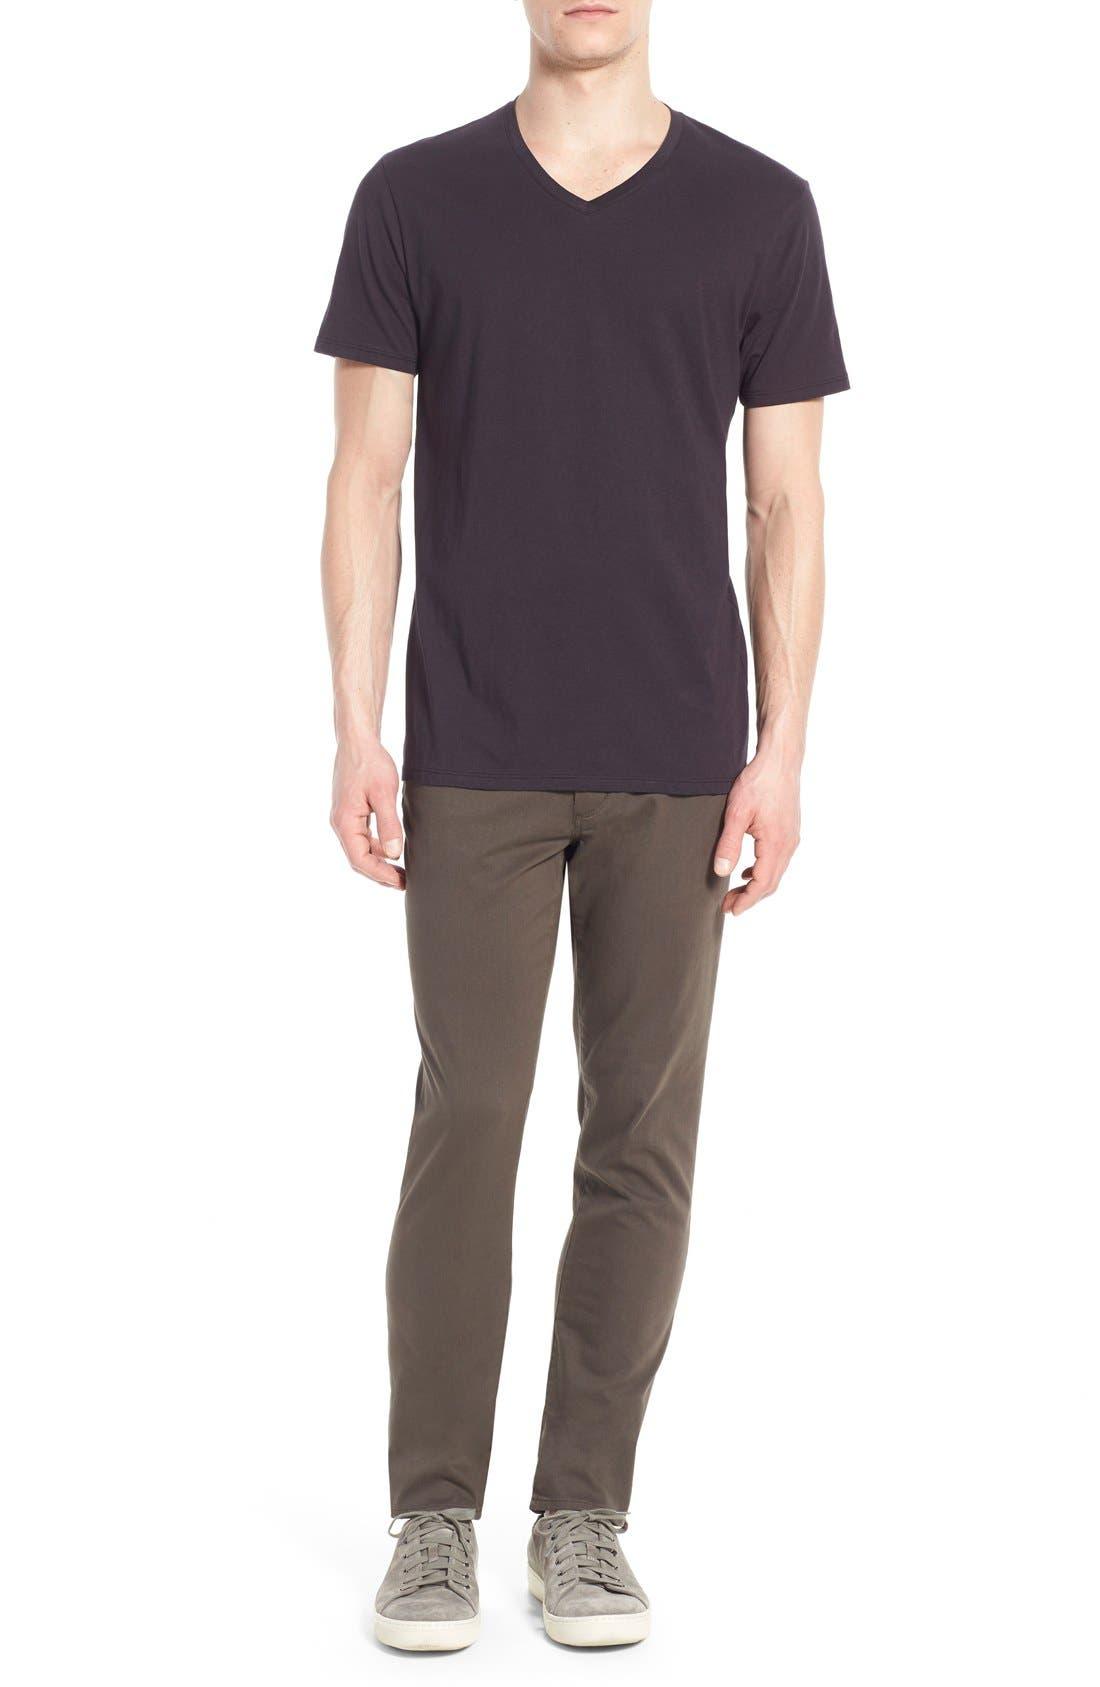 VINCE,                             Pima Cotton V-Neck T-Shirt,                             Alternate thumbnail 7, color,                             BLACK